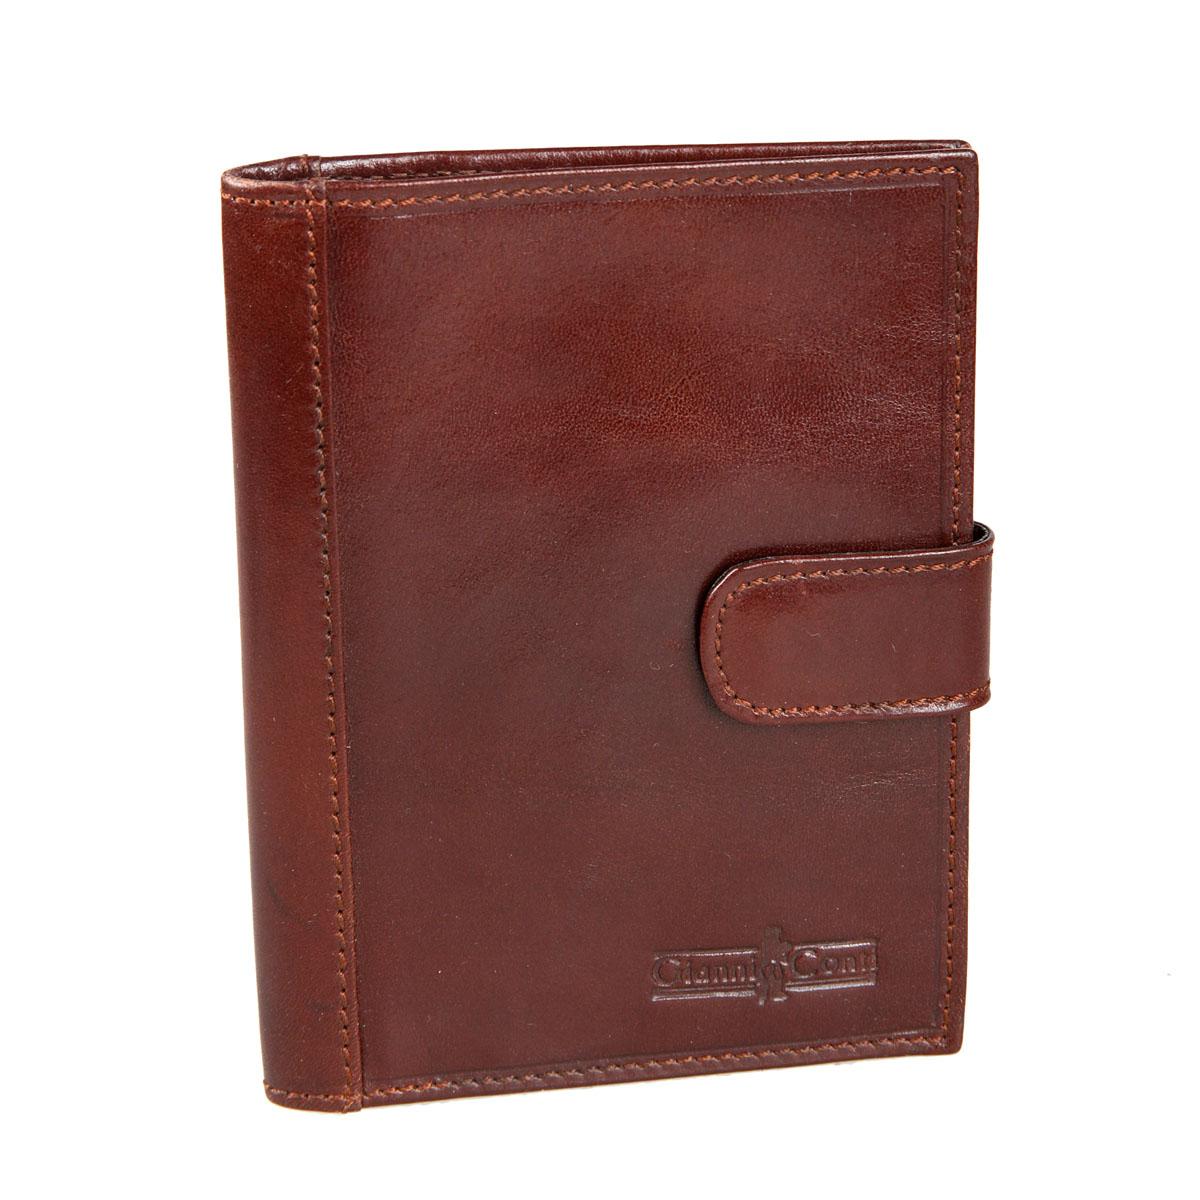 Обложка для паспорта мужская Gianni Conti, цвет: коричневый. 907035907035 brownСтильная обложка для паспорта Gianni Conti выполнена из натуральной кожи глянцевой текстурой. Обложка оформлена декоративной строчкой и выбитым клеймом с изображением логотипа названия бренда. Изделие раскладывается пополам и закрывается на хлястик с кнопкой, внутри расположены шесть карманов для визитных или пластиковых карт, два накладных кармана для документов и карман-стенка для паспорта. Элегантная обложка Gianni Conti не только поможет сохранить внешний вид ваших документов и защитит их от повреждений, но и станет стильным аксессуаром, идеально подходящим вашему образу.